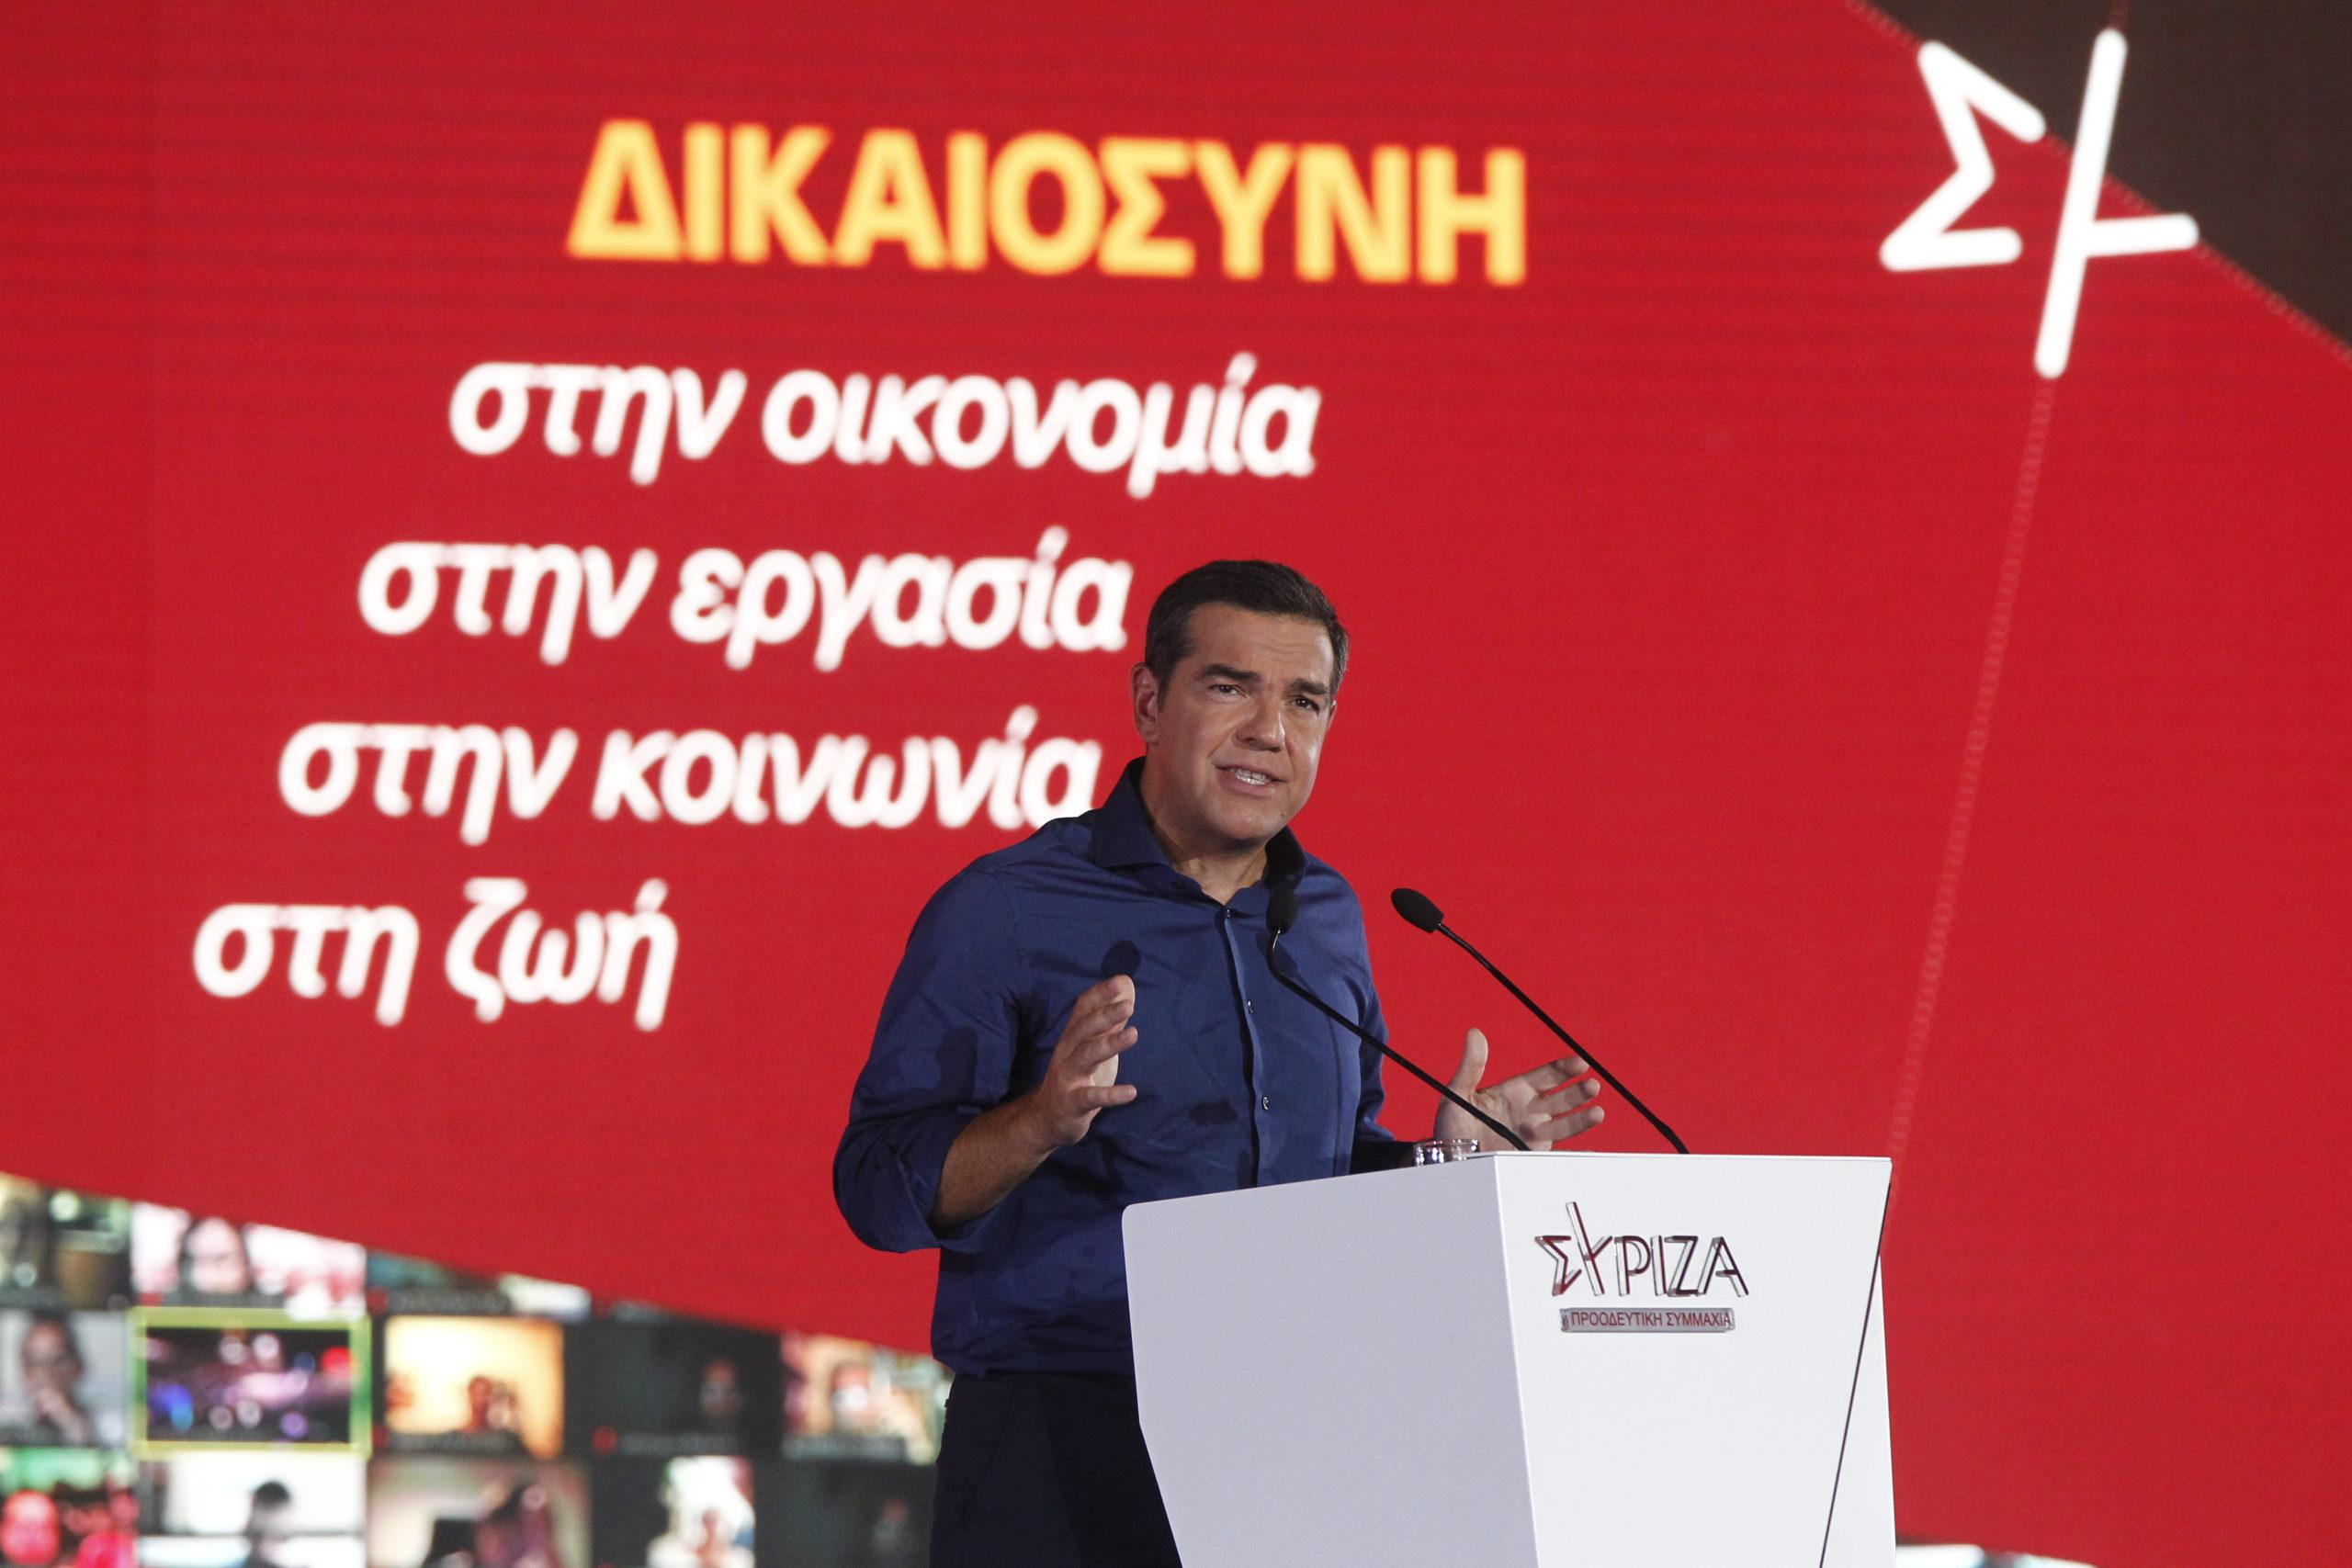 «Νυχτερινή καταδίωξη» στη Θεσσαλονίκη για τη νέα ταινία του Αντόνιο Μπαντέρας (video)